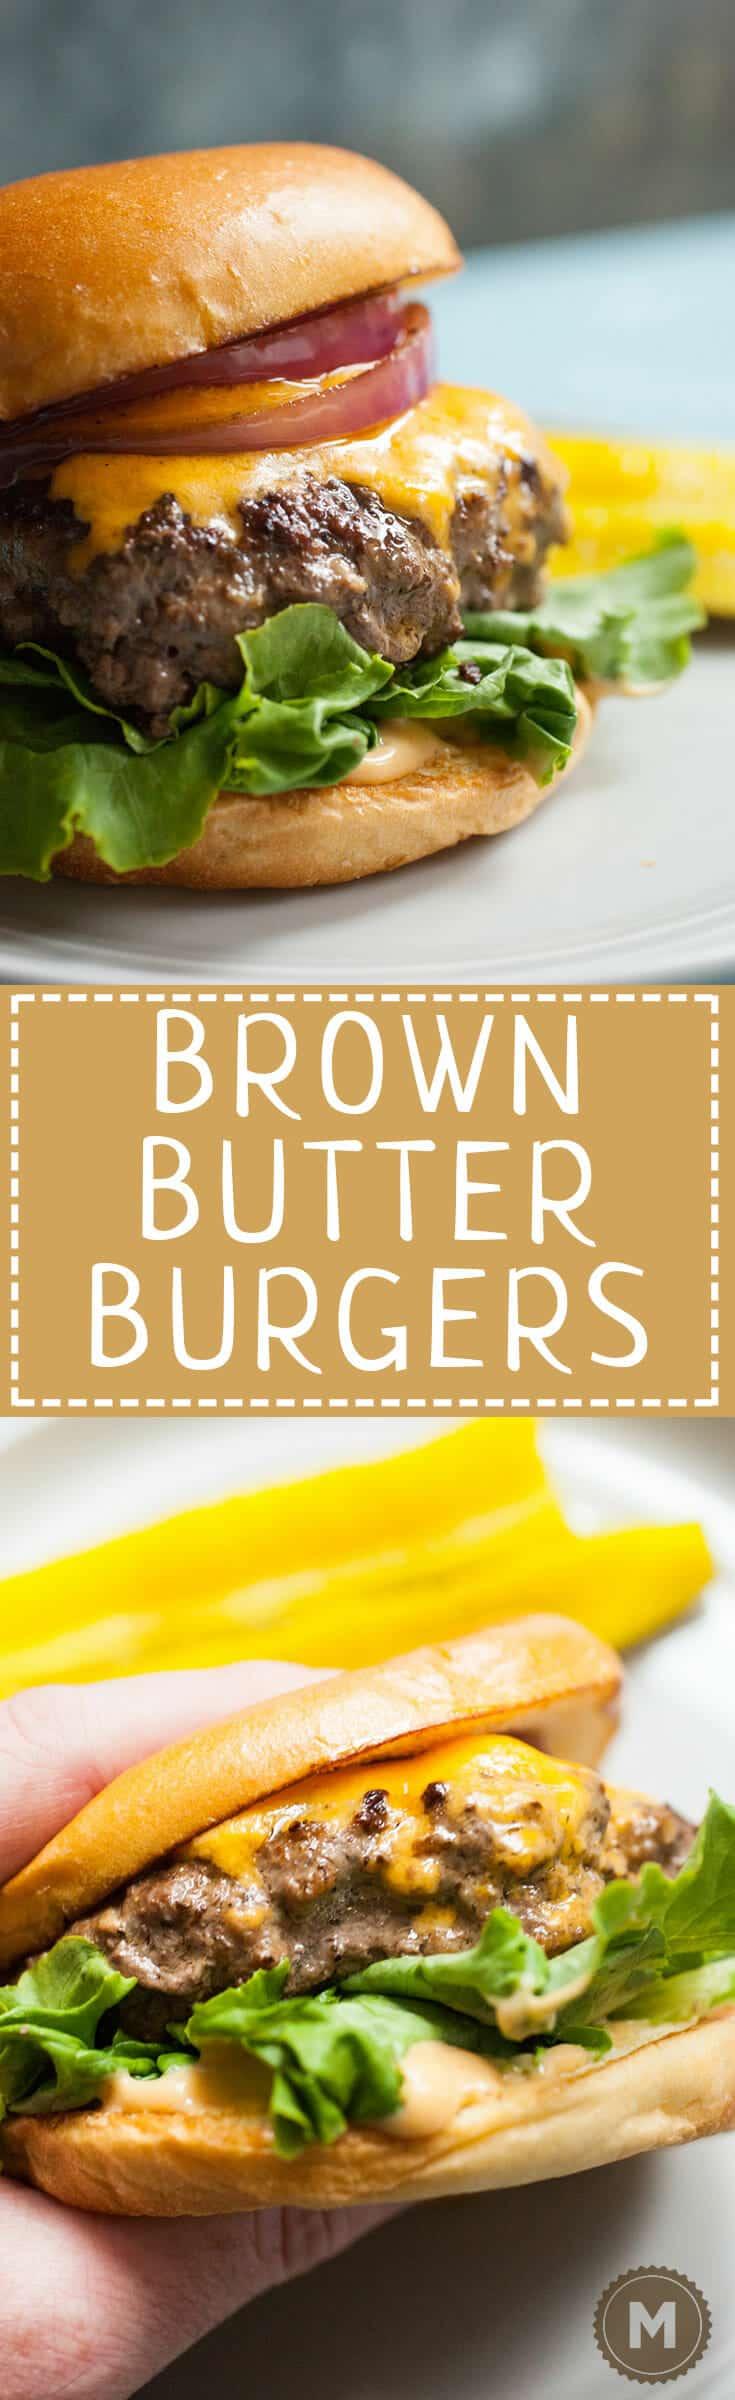 Brown Butter Burger